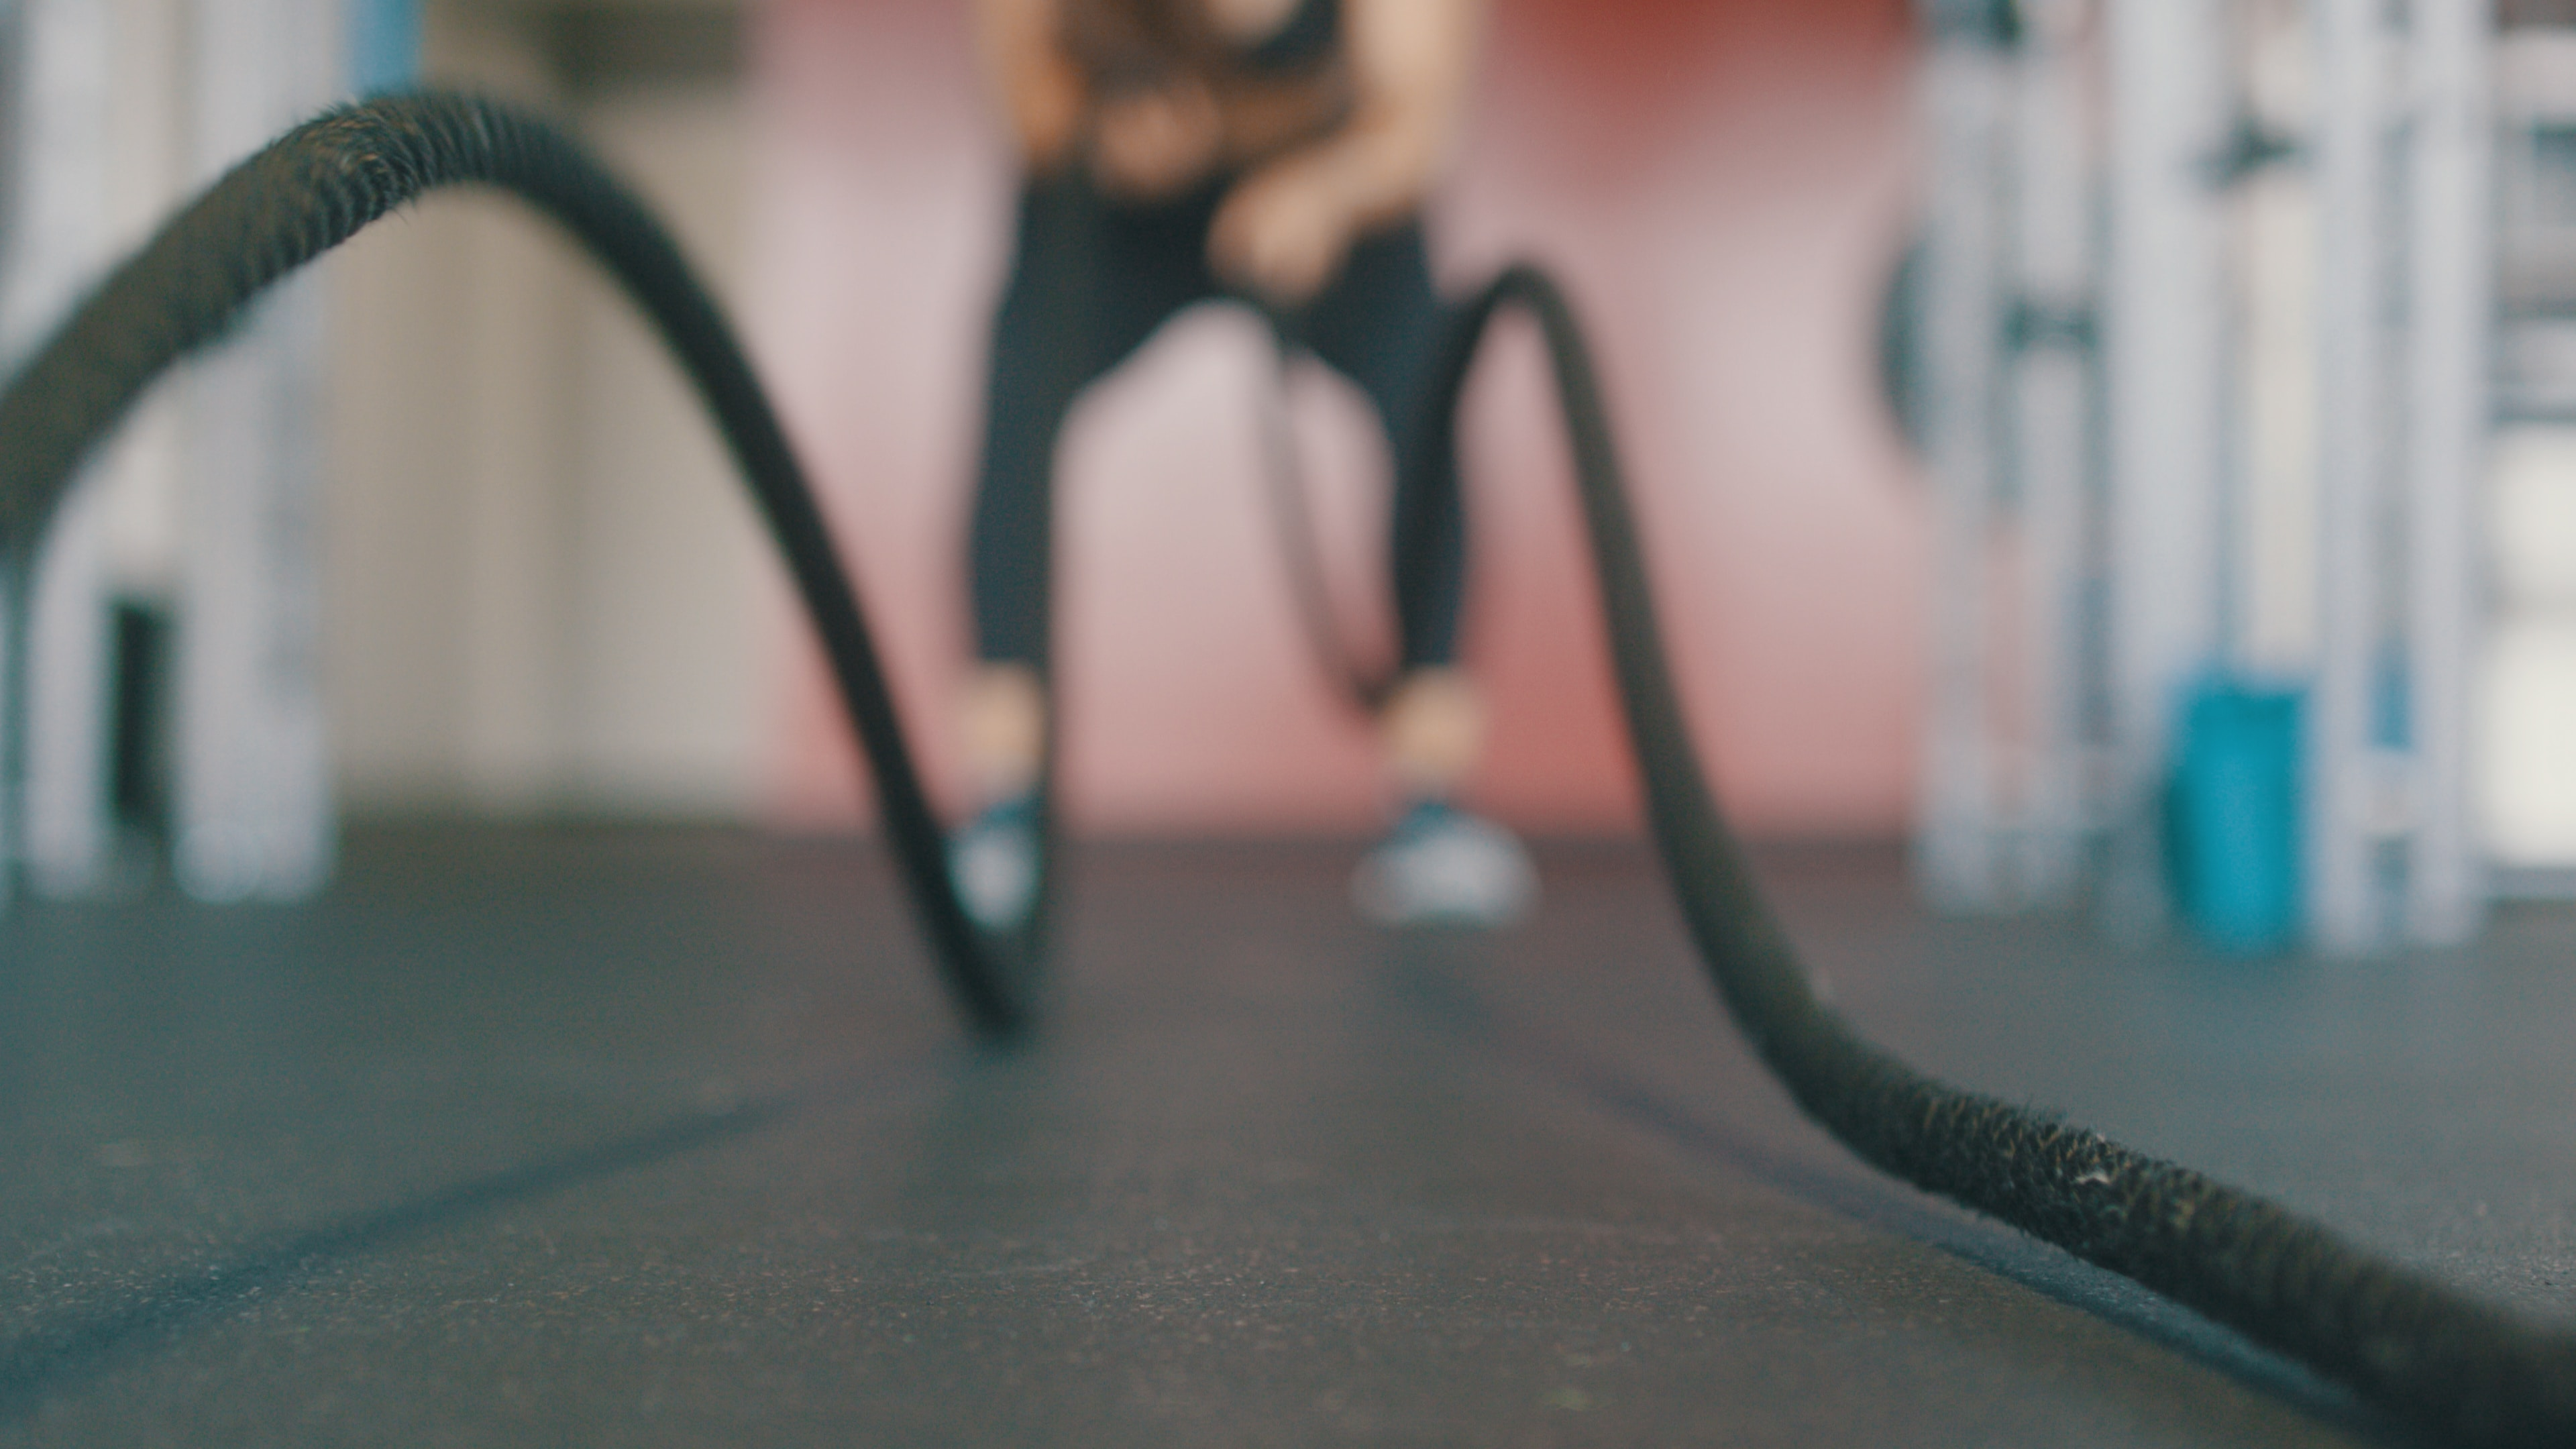 træning med reb